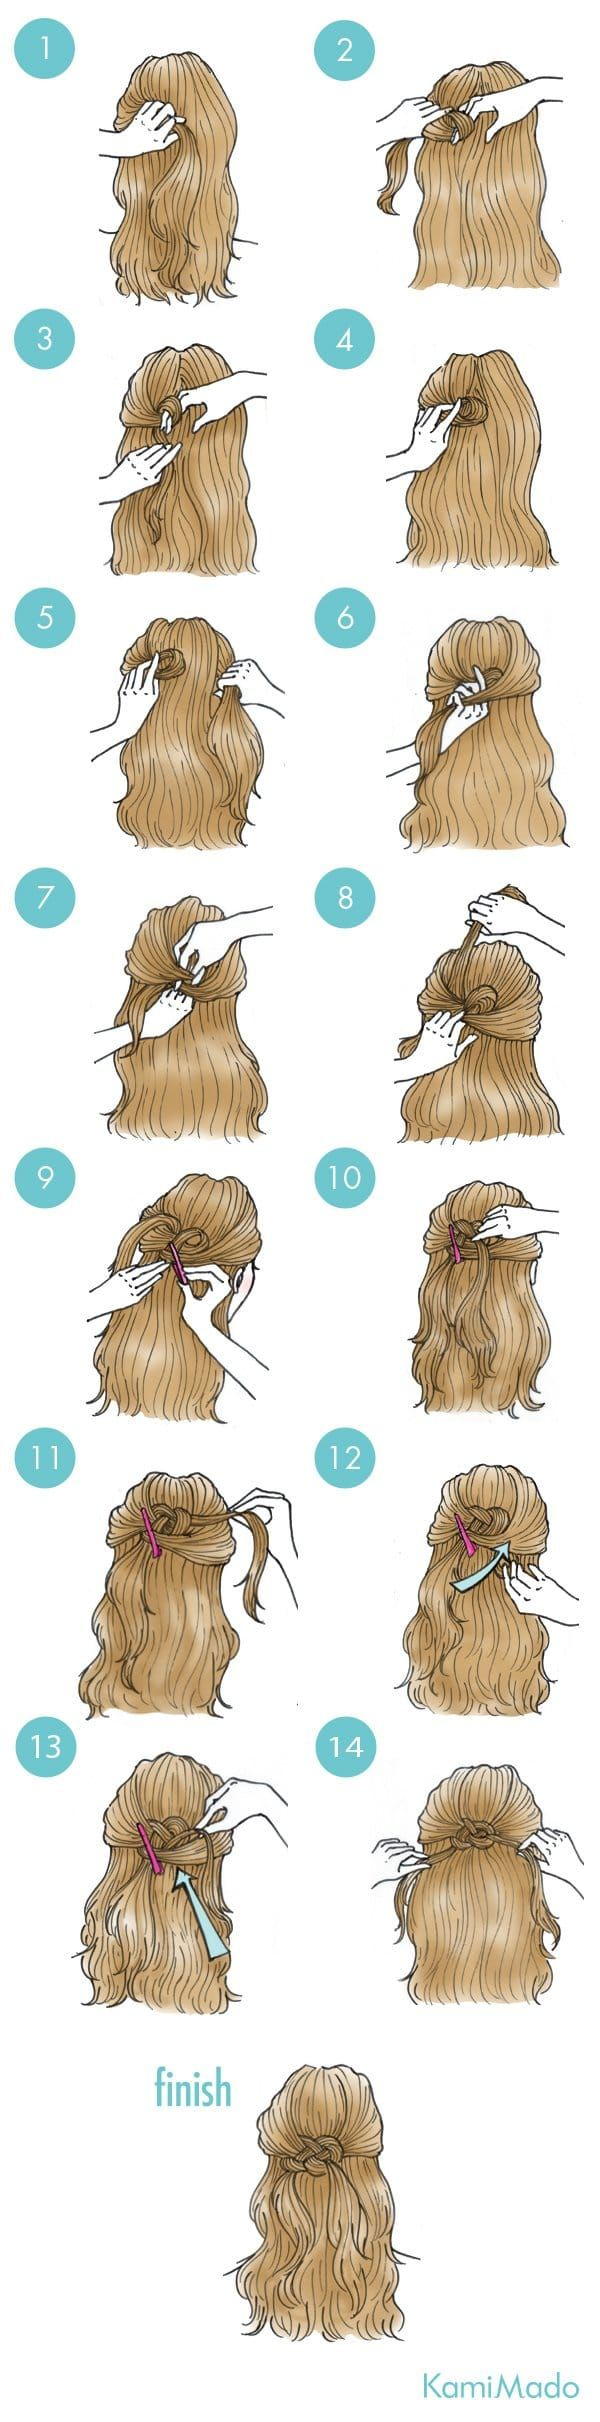 Ein paar Schritte, um dein Haar zu tun und wie eine Göttin ...